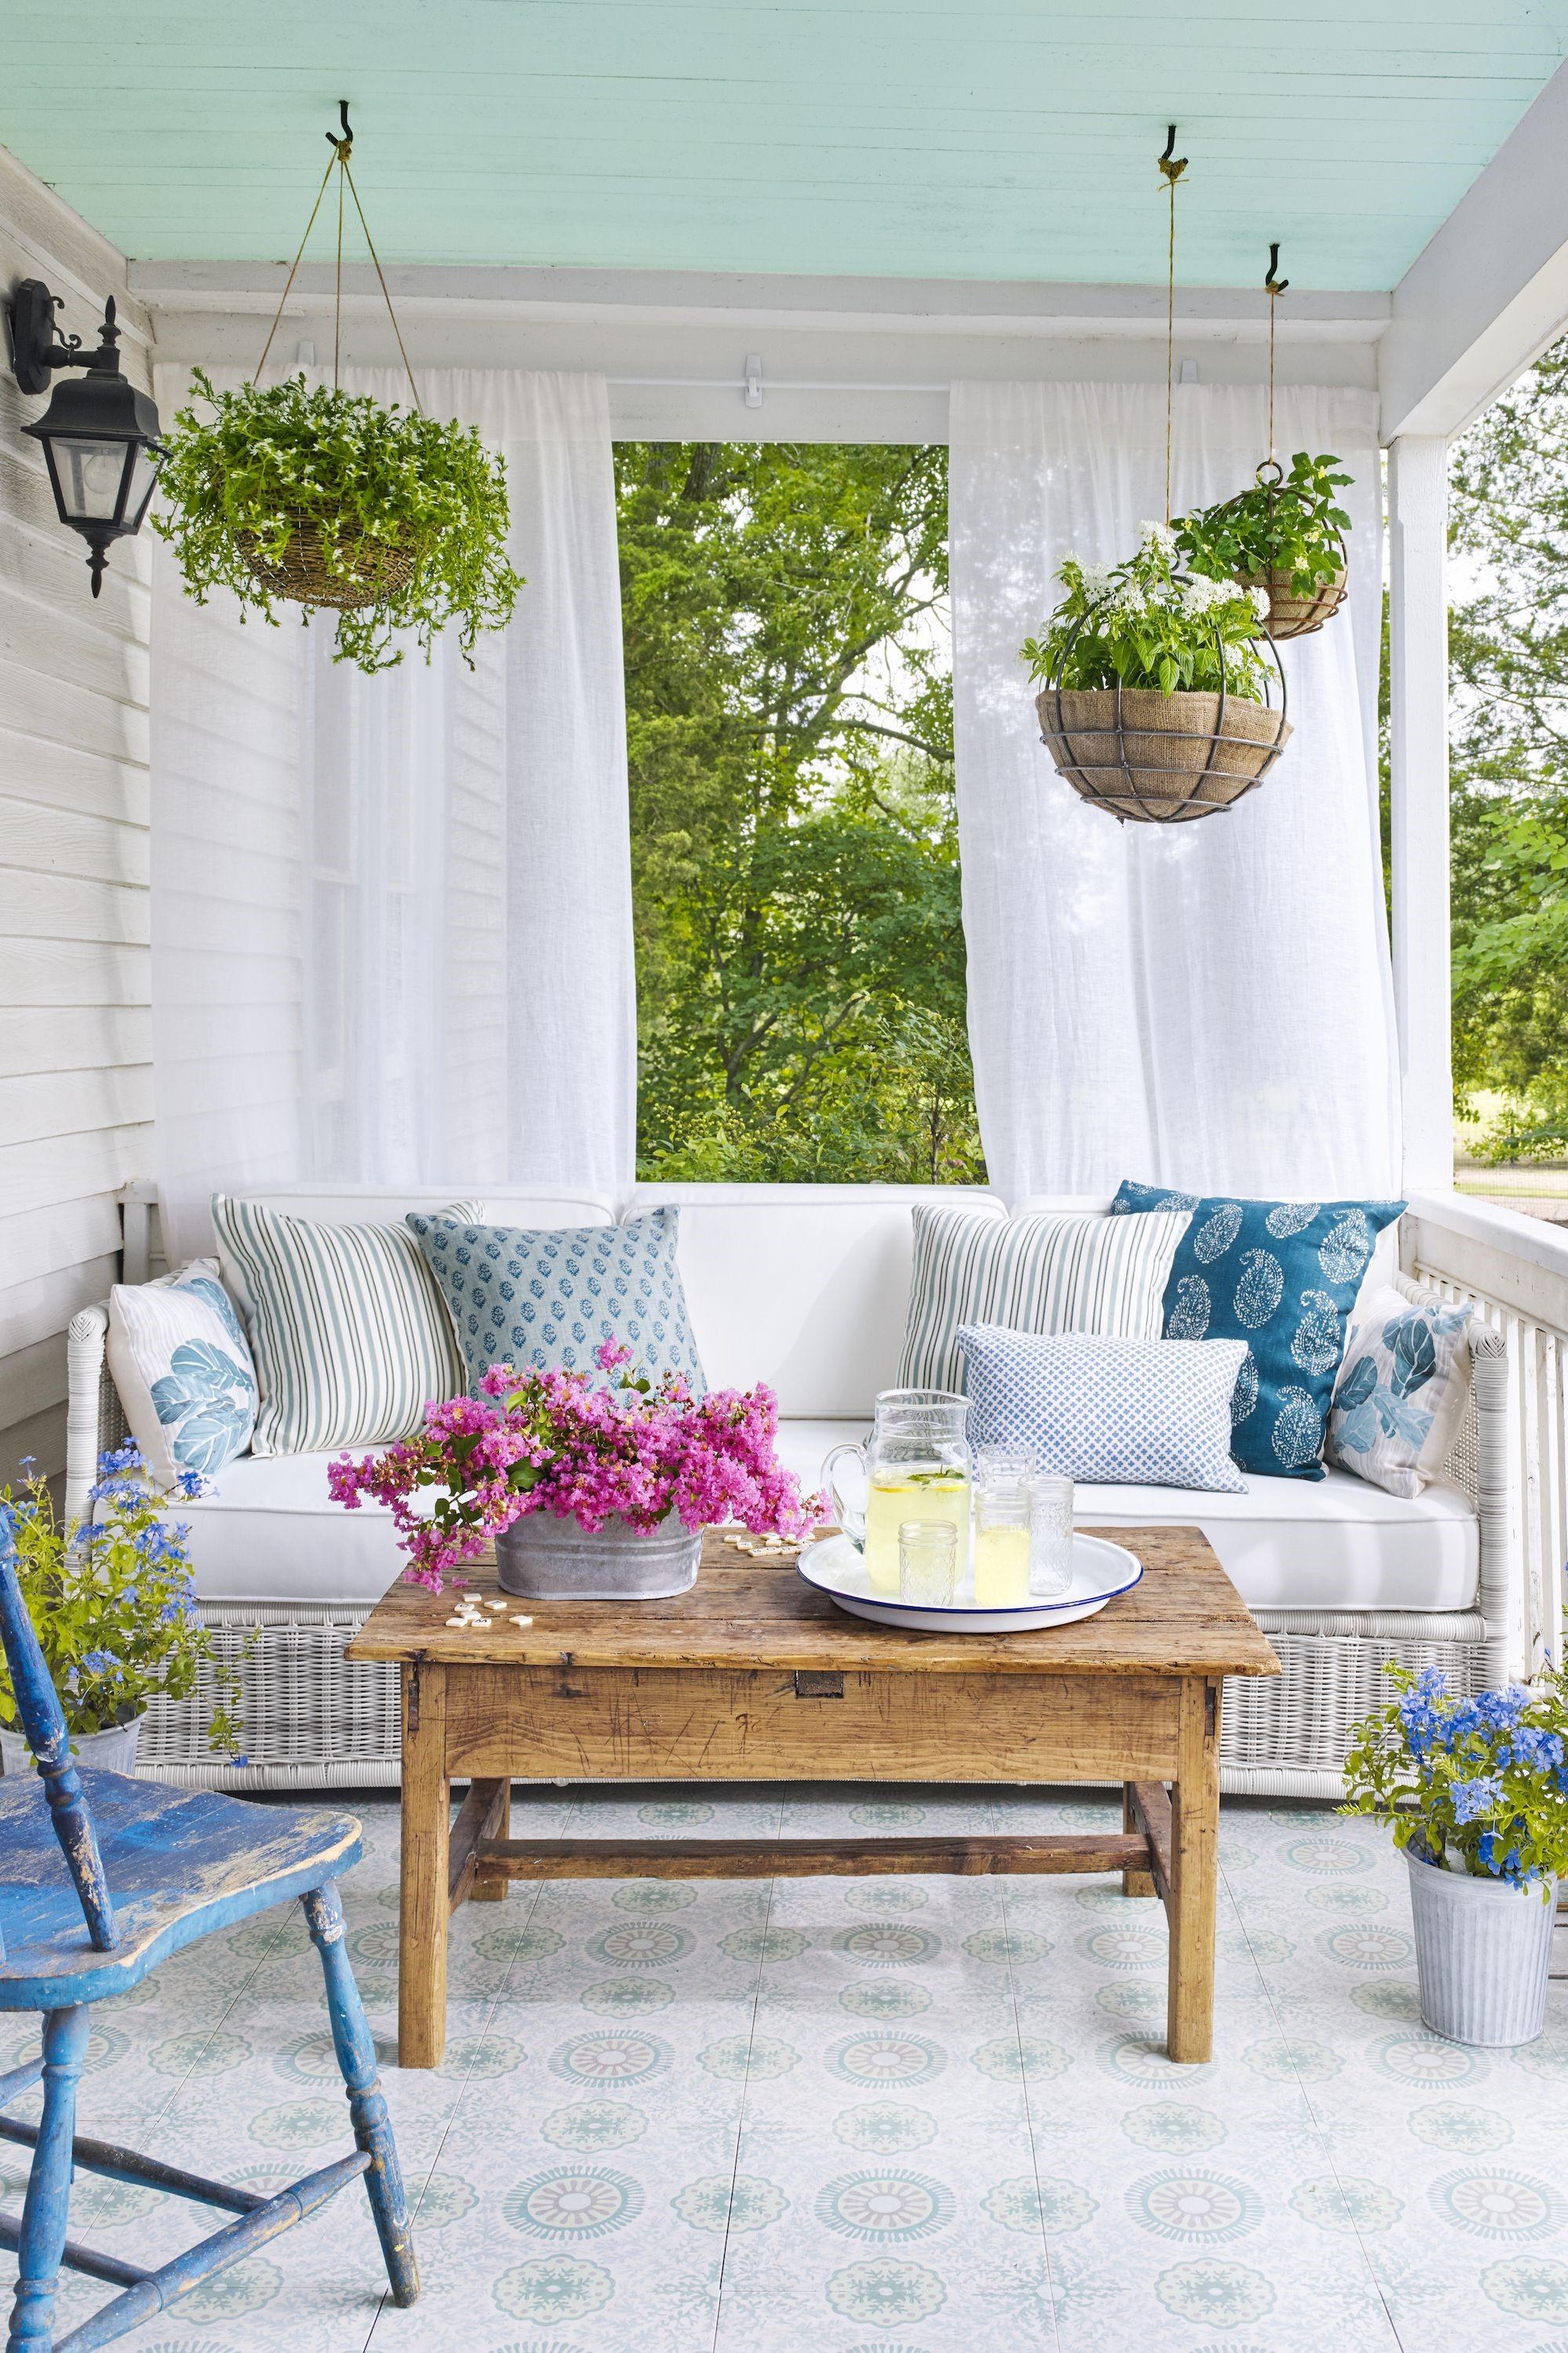 La plupart des plantes d'été commencent à dépérir ou se préparent à une sorte de hibernation florale, à mesure que la température baisse.